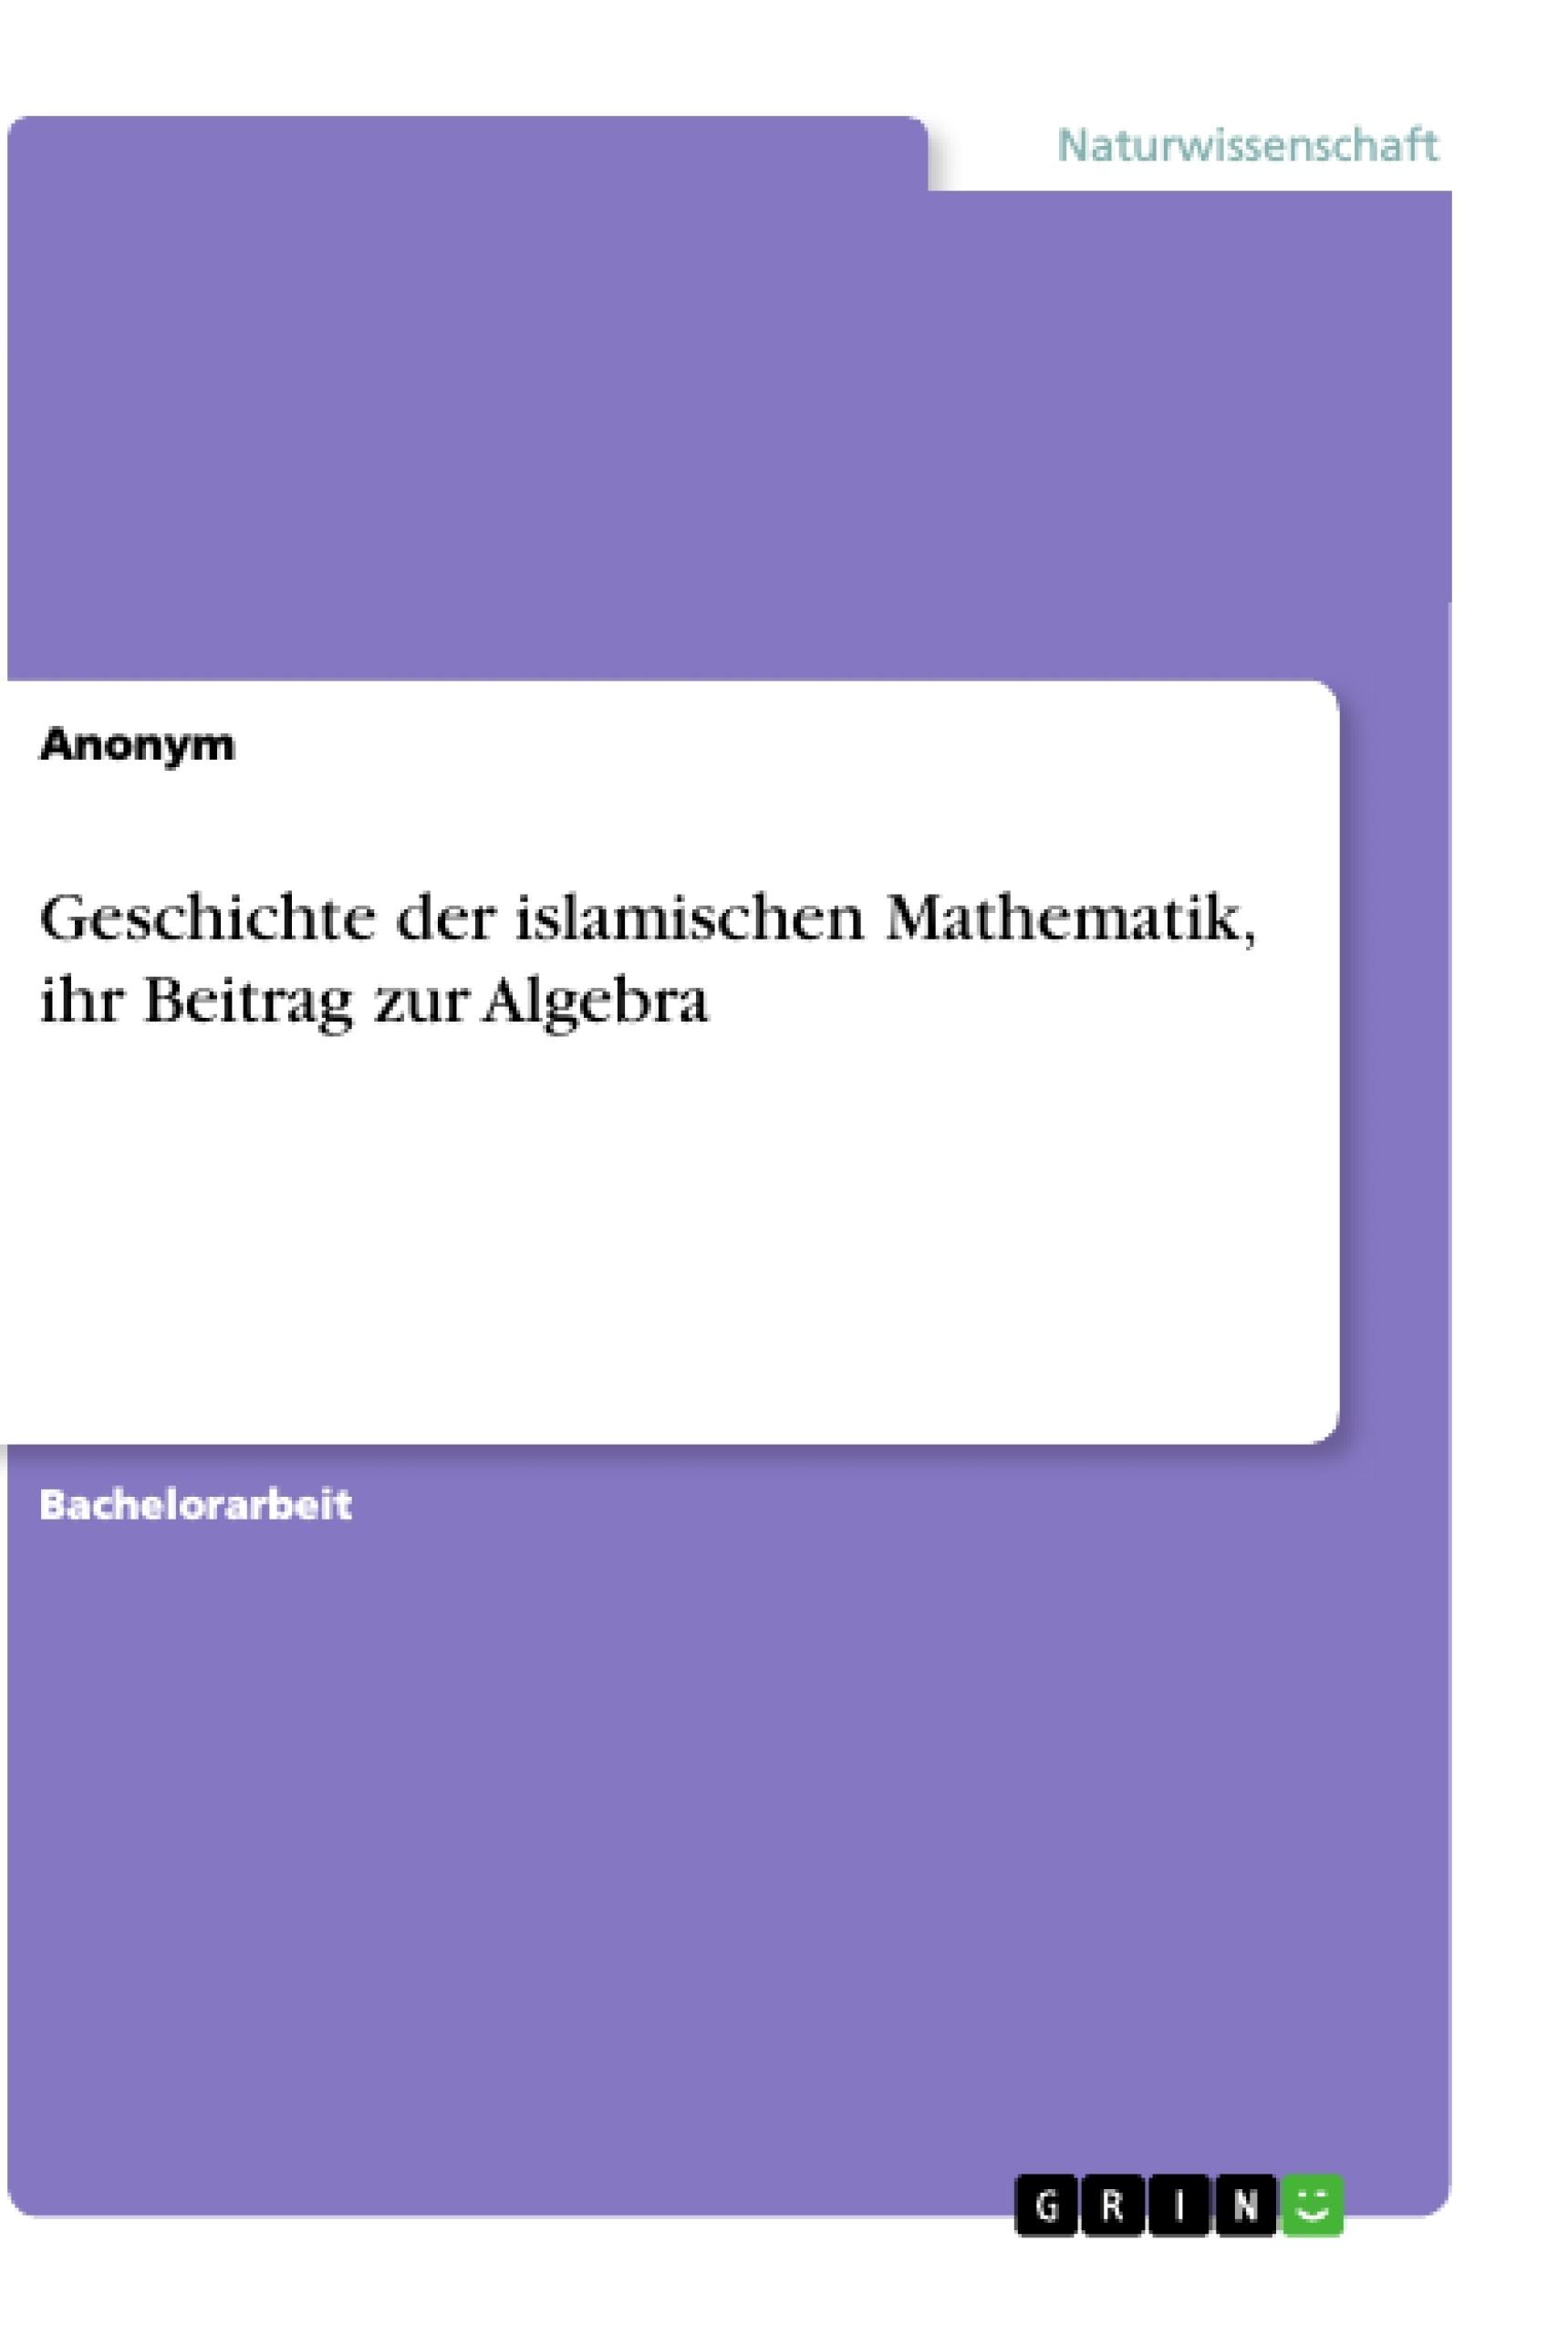 Titel: Geschichte der islamischen Mathematik, ihr Beitrag zur Algebra